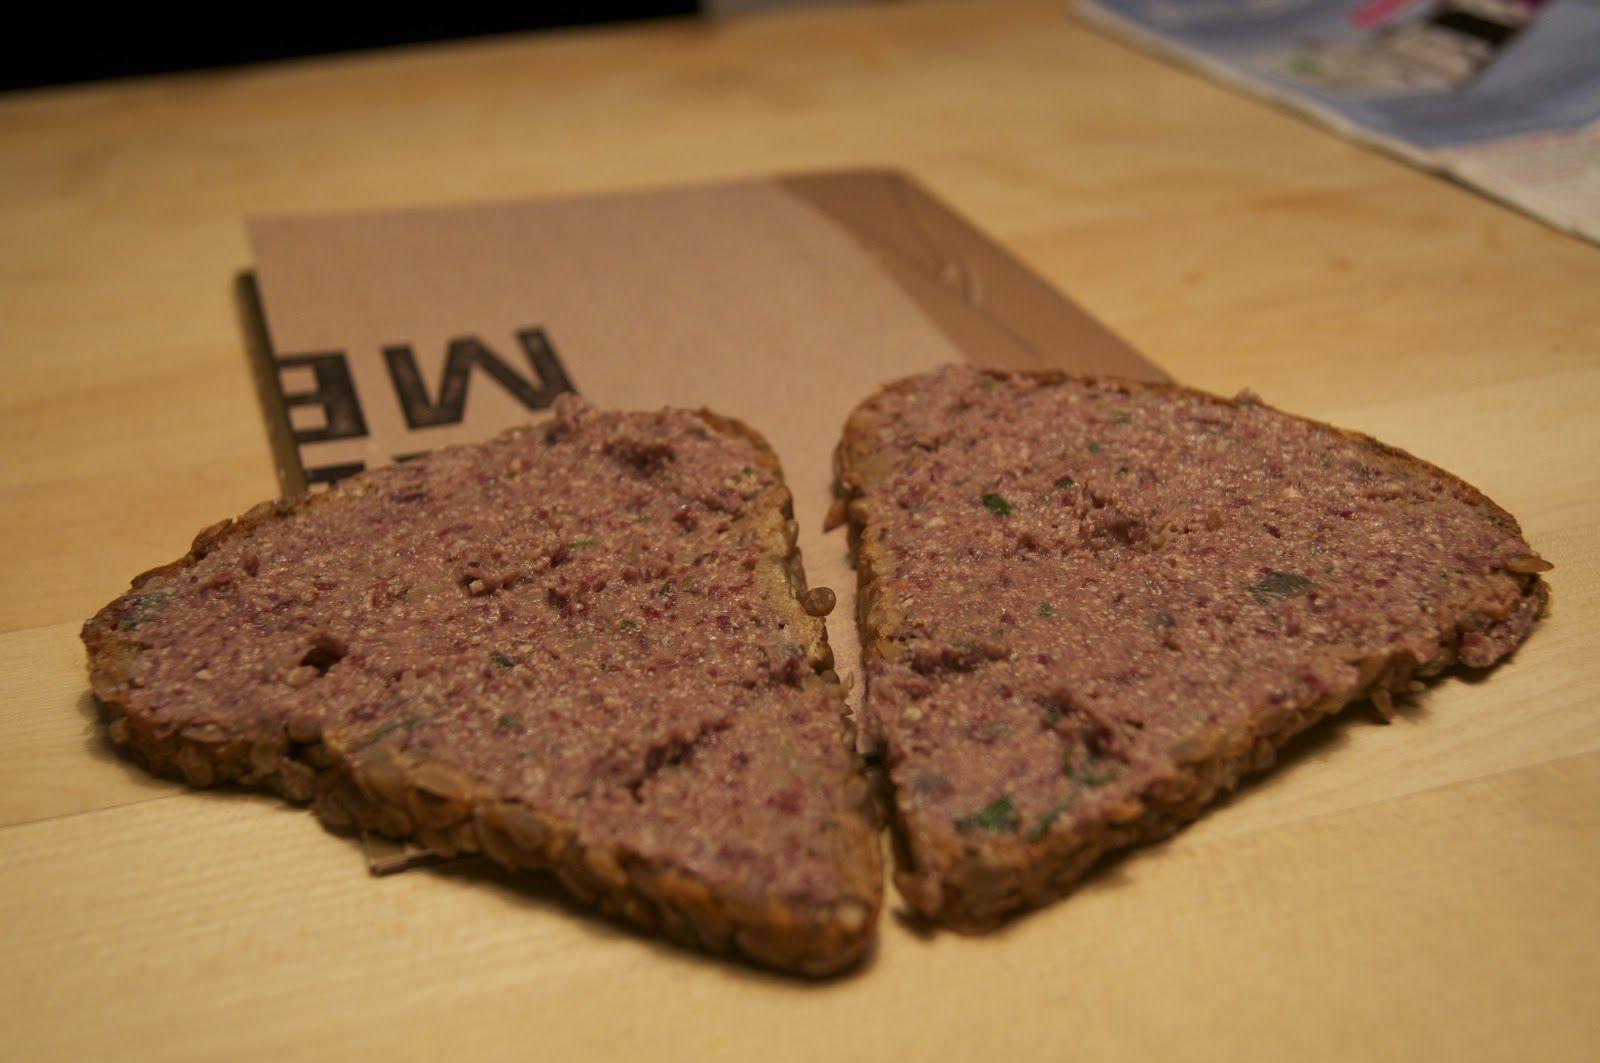 Hübsches Brot! Und Nora hat ihr Rezept für den Kidneybohnen-Rauchaufstrich auch schon gebloggt.  http://voras-vegan-way.blogspot.co.at/2012/11/vegan-wednesday-14-hurra-hurra-die-post.html